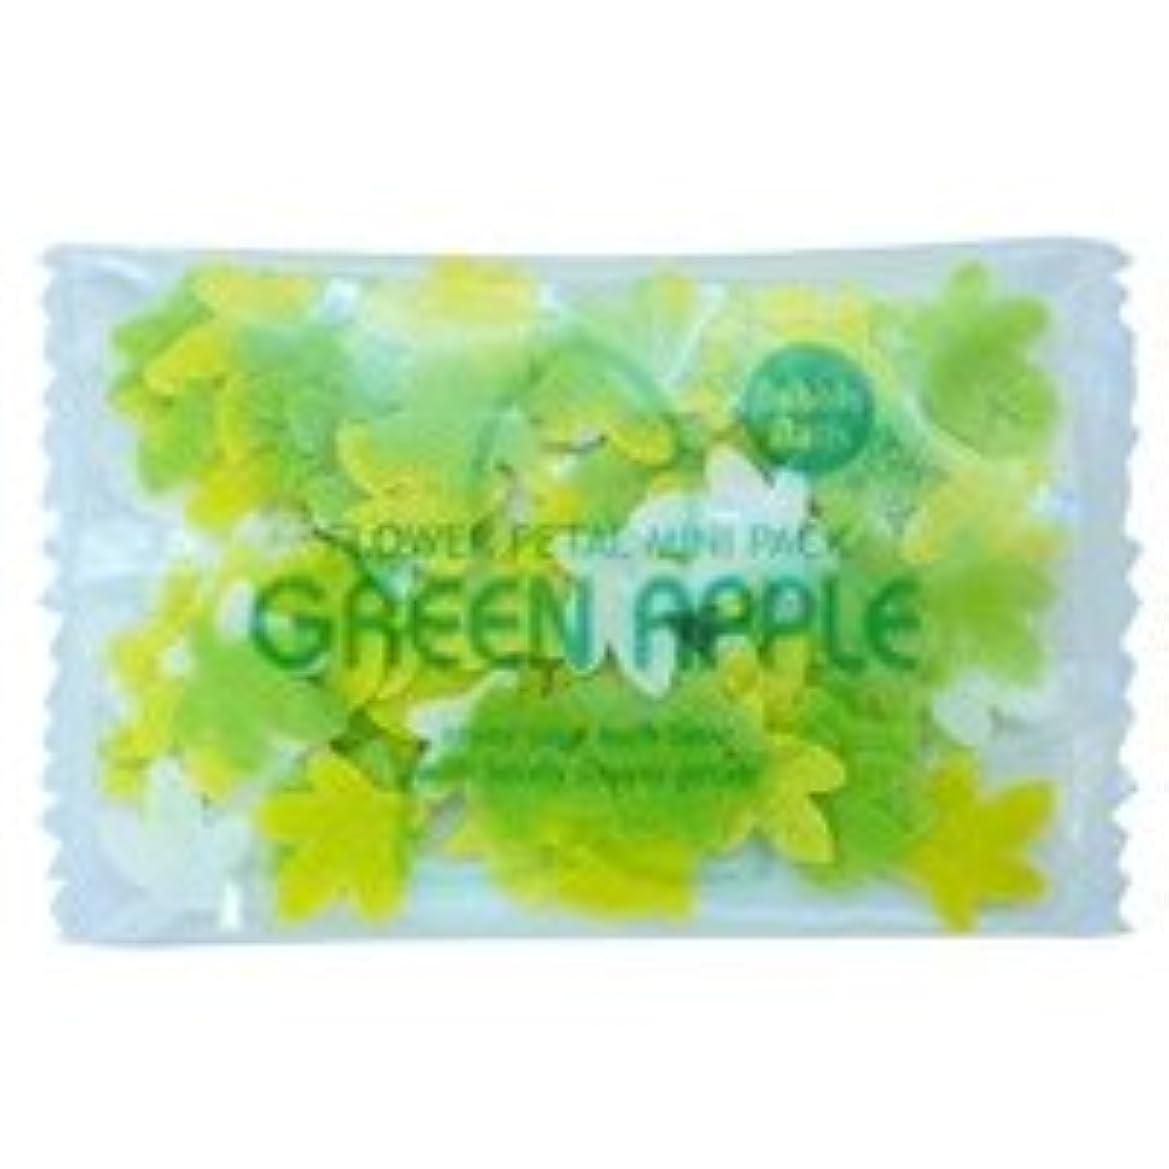 繊毛隙間類推フラワーペタル バブルバス ミニパック「グリーンアップル」20個セット ストレスから解放されたい日に疲れた心を解きほぐしてくれるフレッシュなグリーンアップルの香り